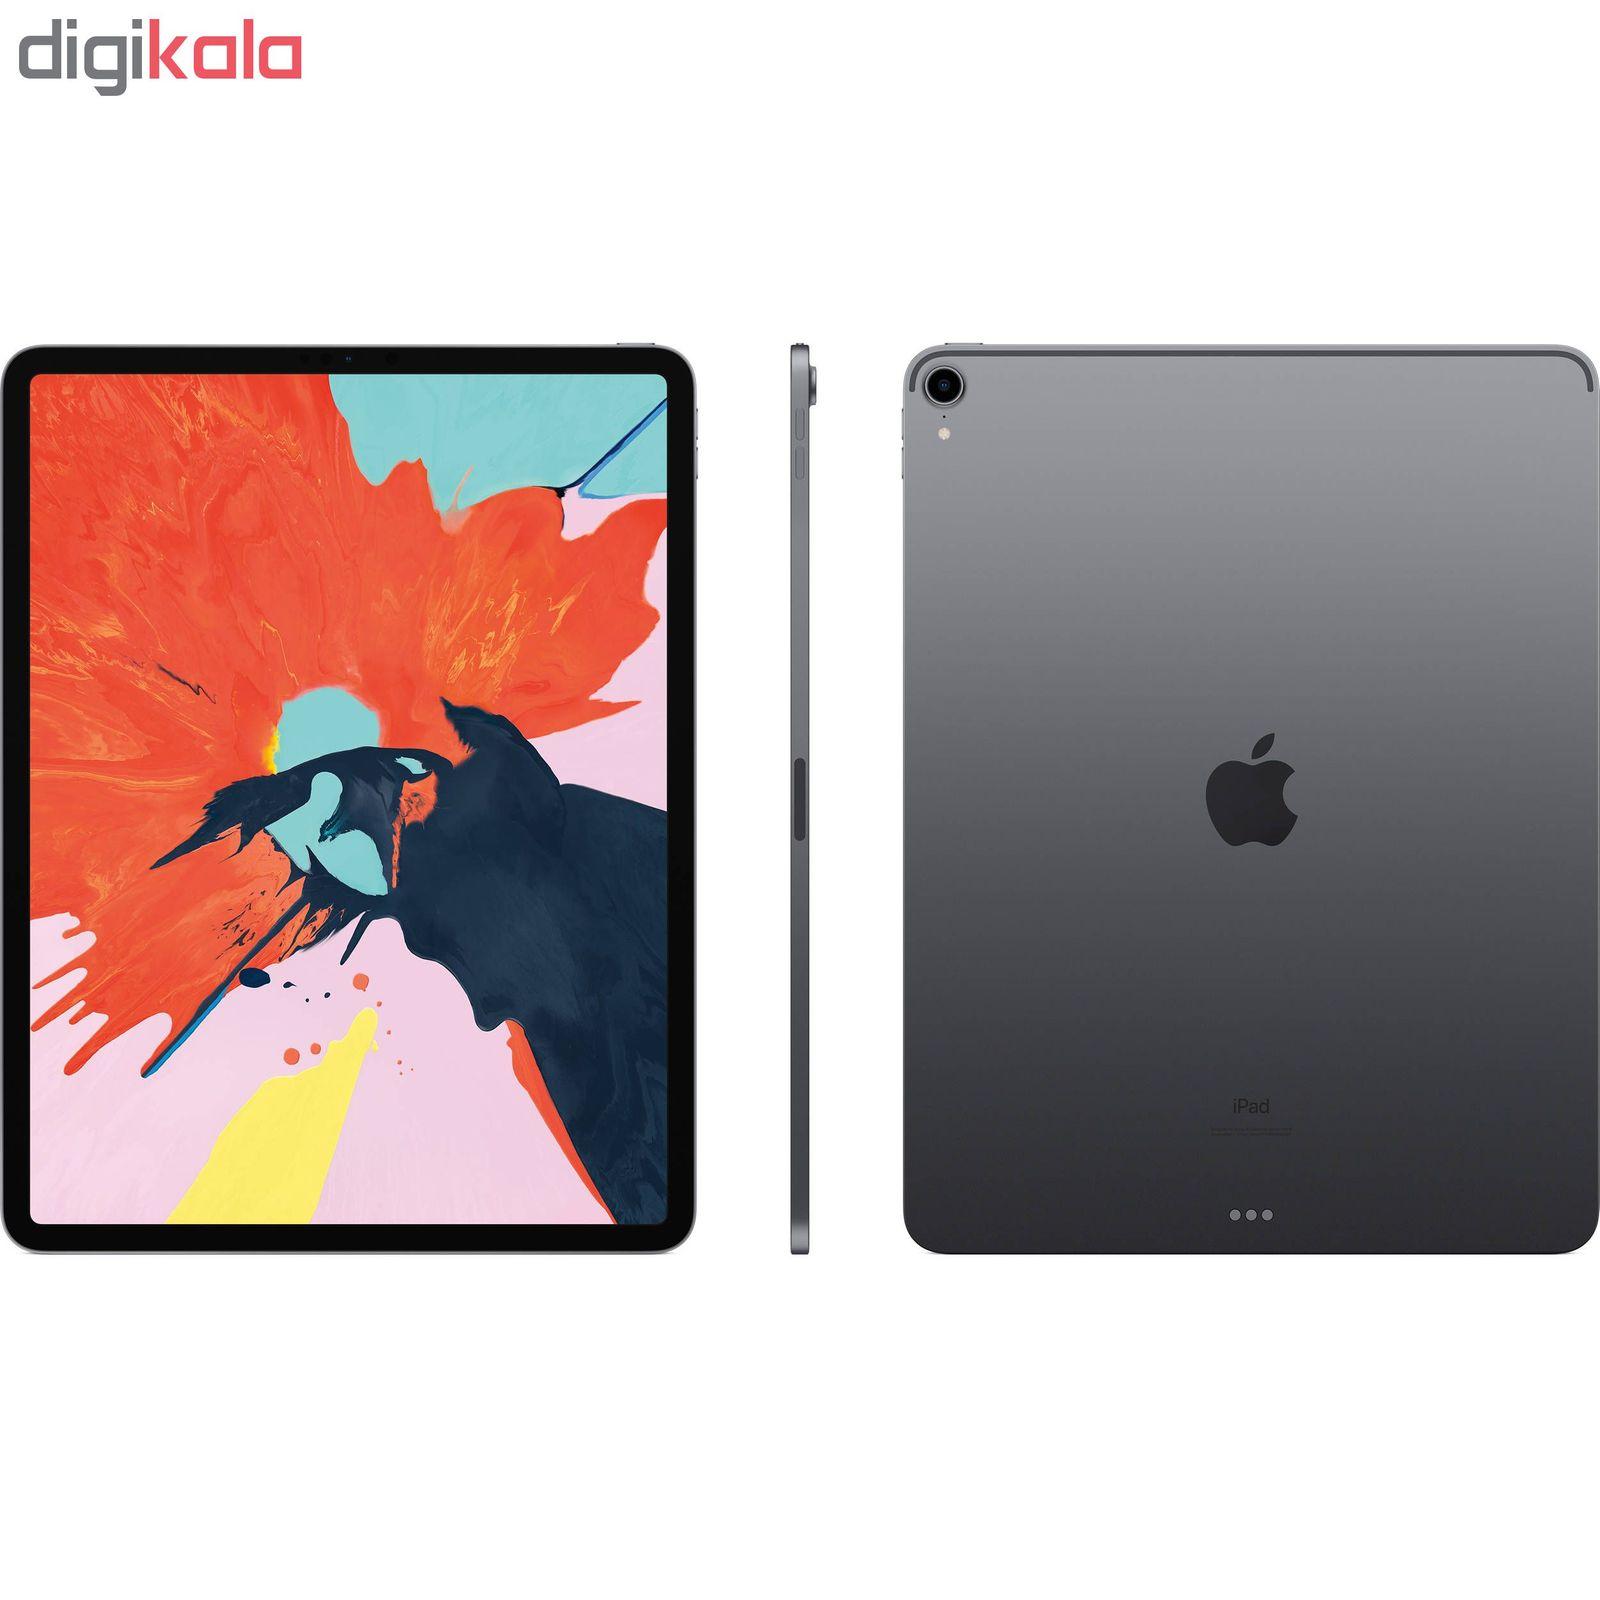 تبلت اپل مدل iPad Pro 2018 12.9 inch 4G ظرفیت 256 گیگابایت main 1 6